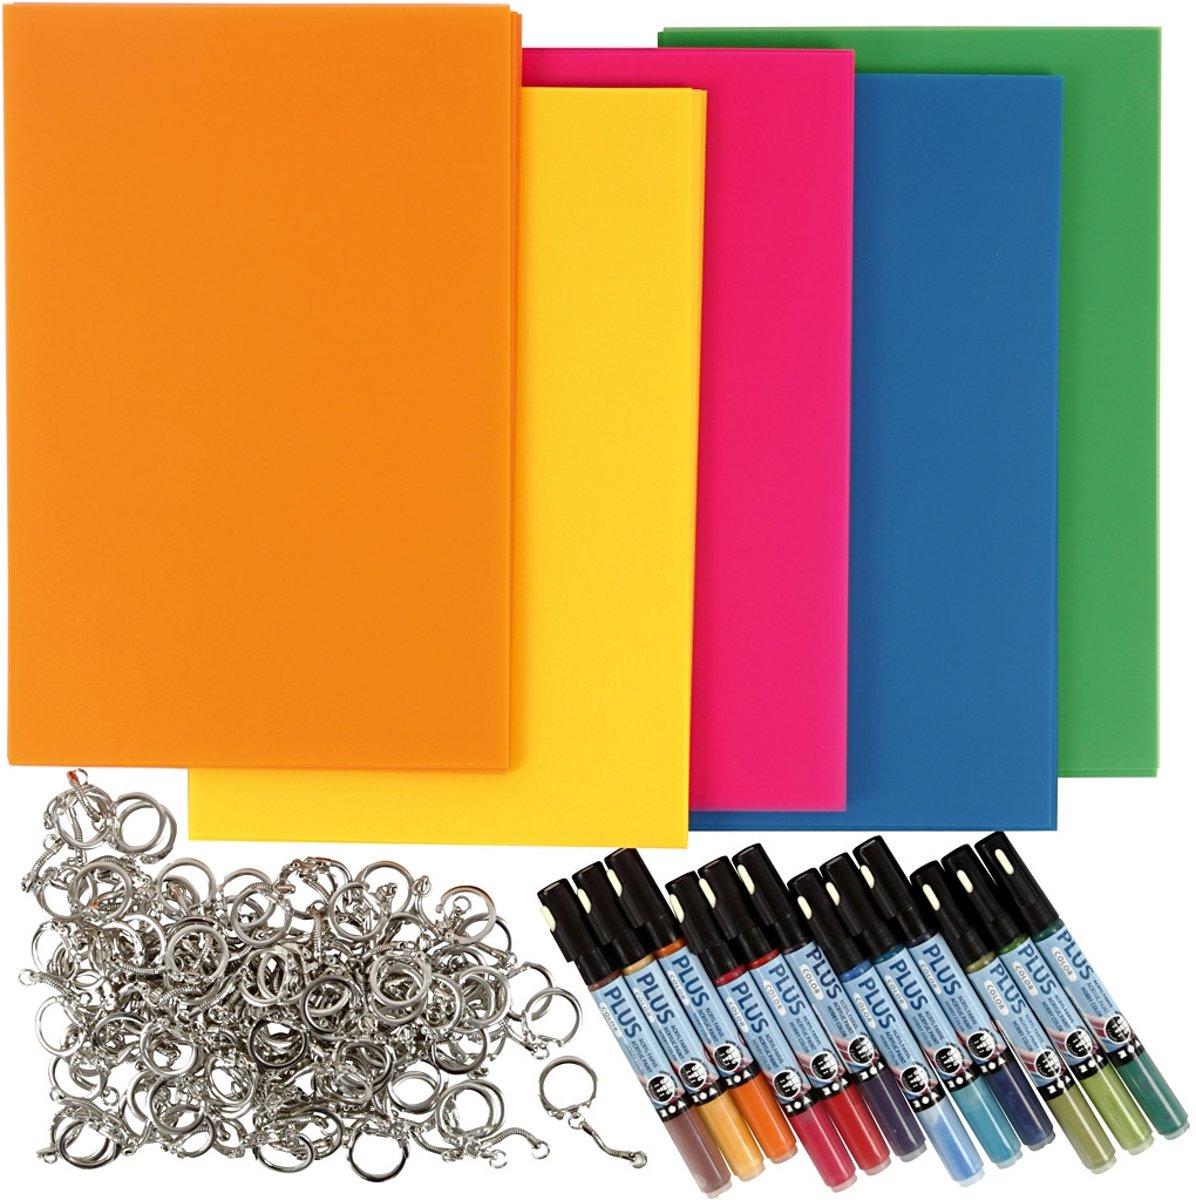 Afbeelding van product Hangers van krimpfolie, 1 set, kleuren assorti